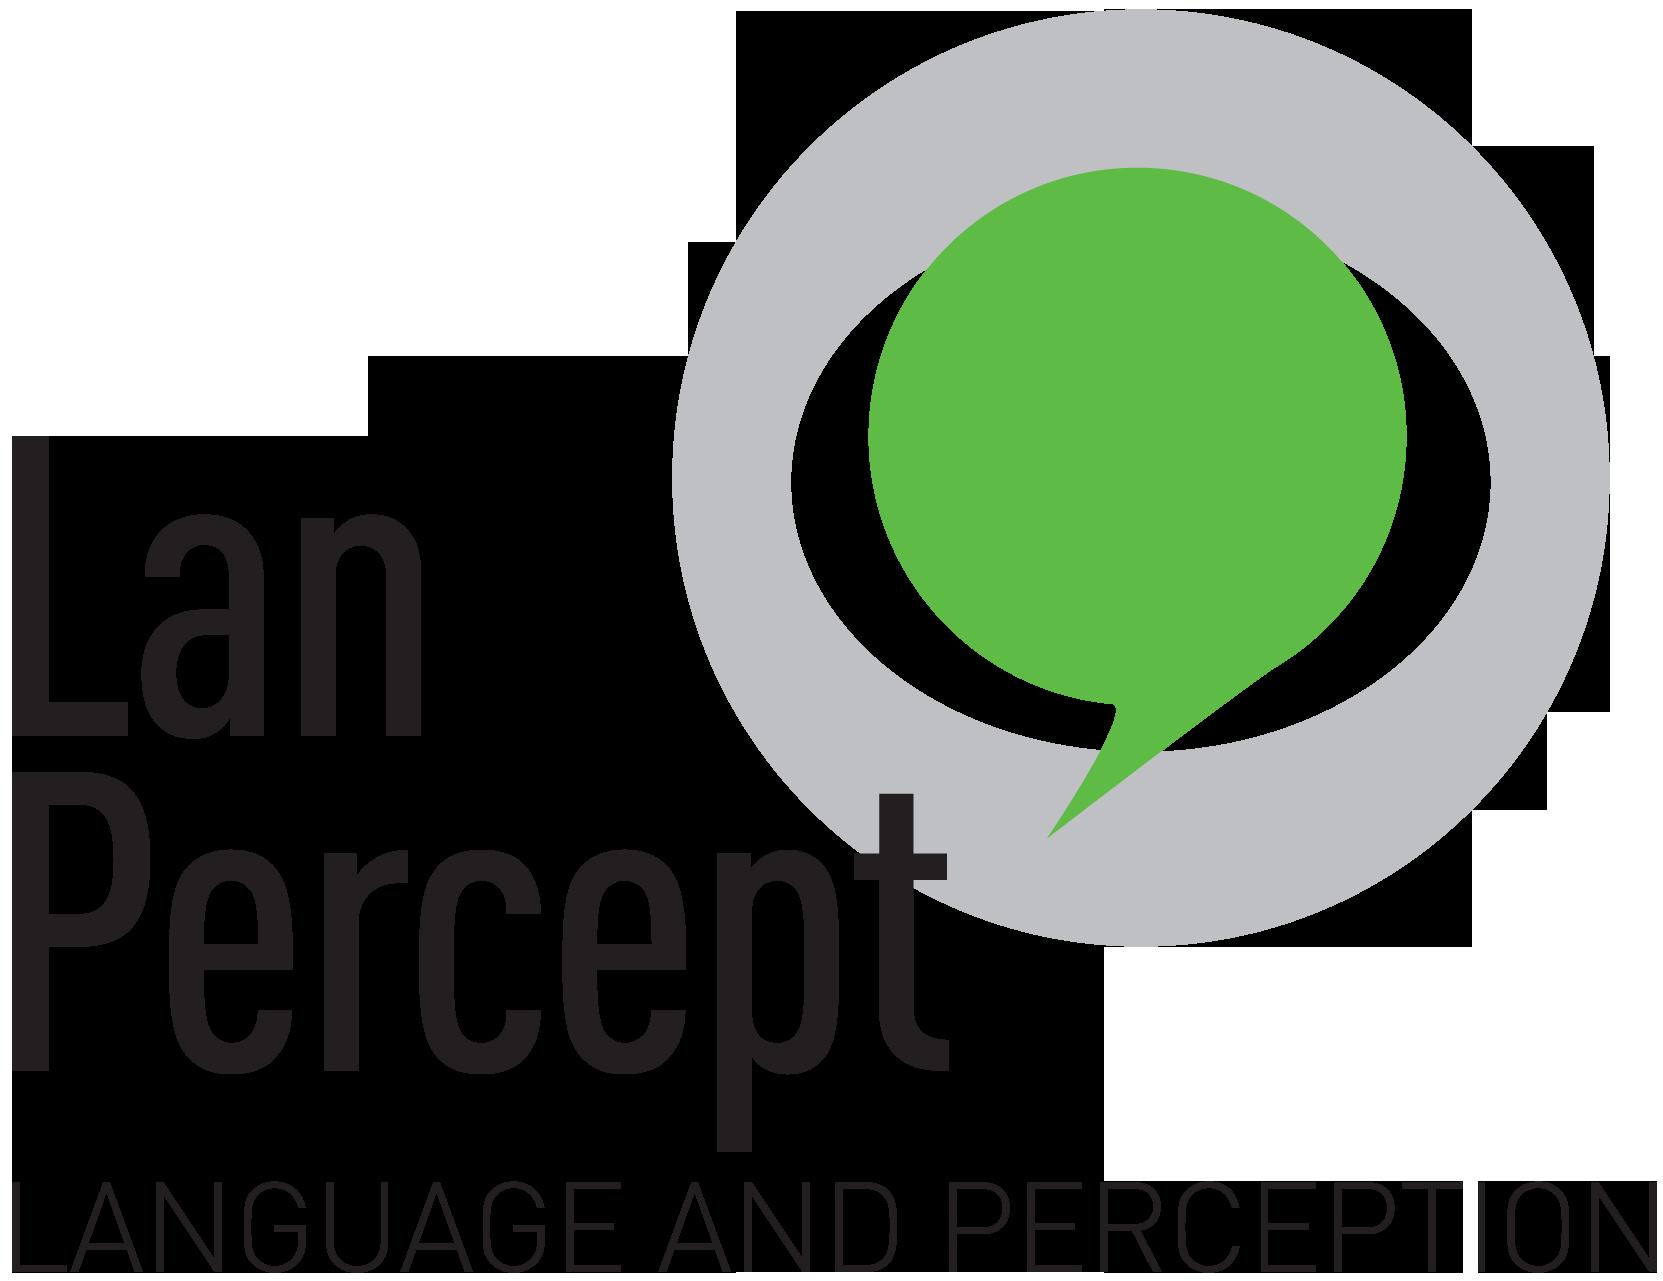 LanPercept logo